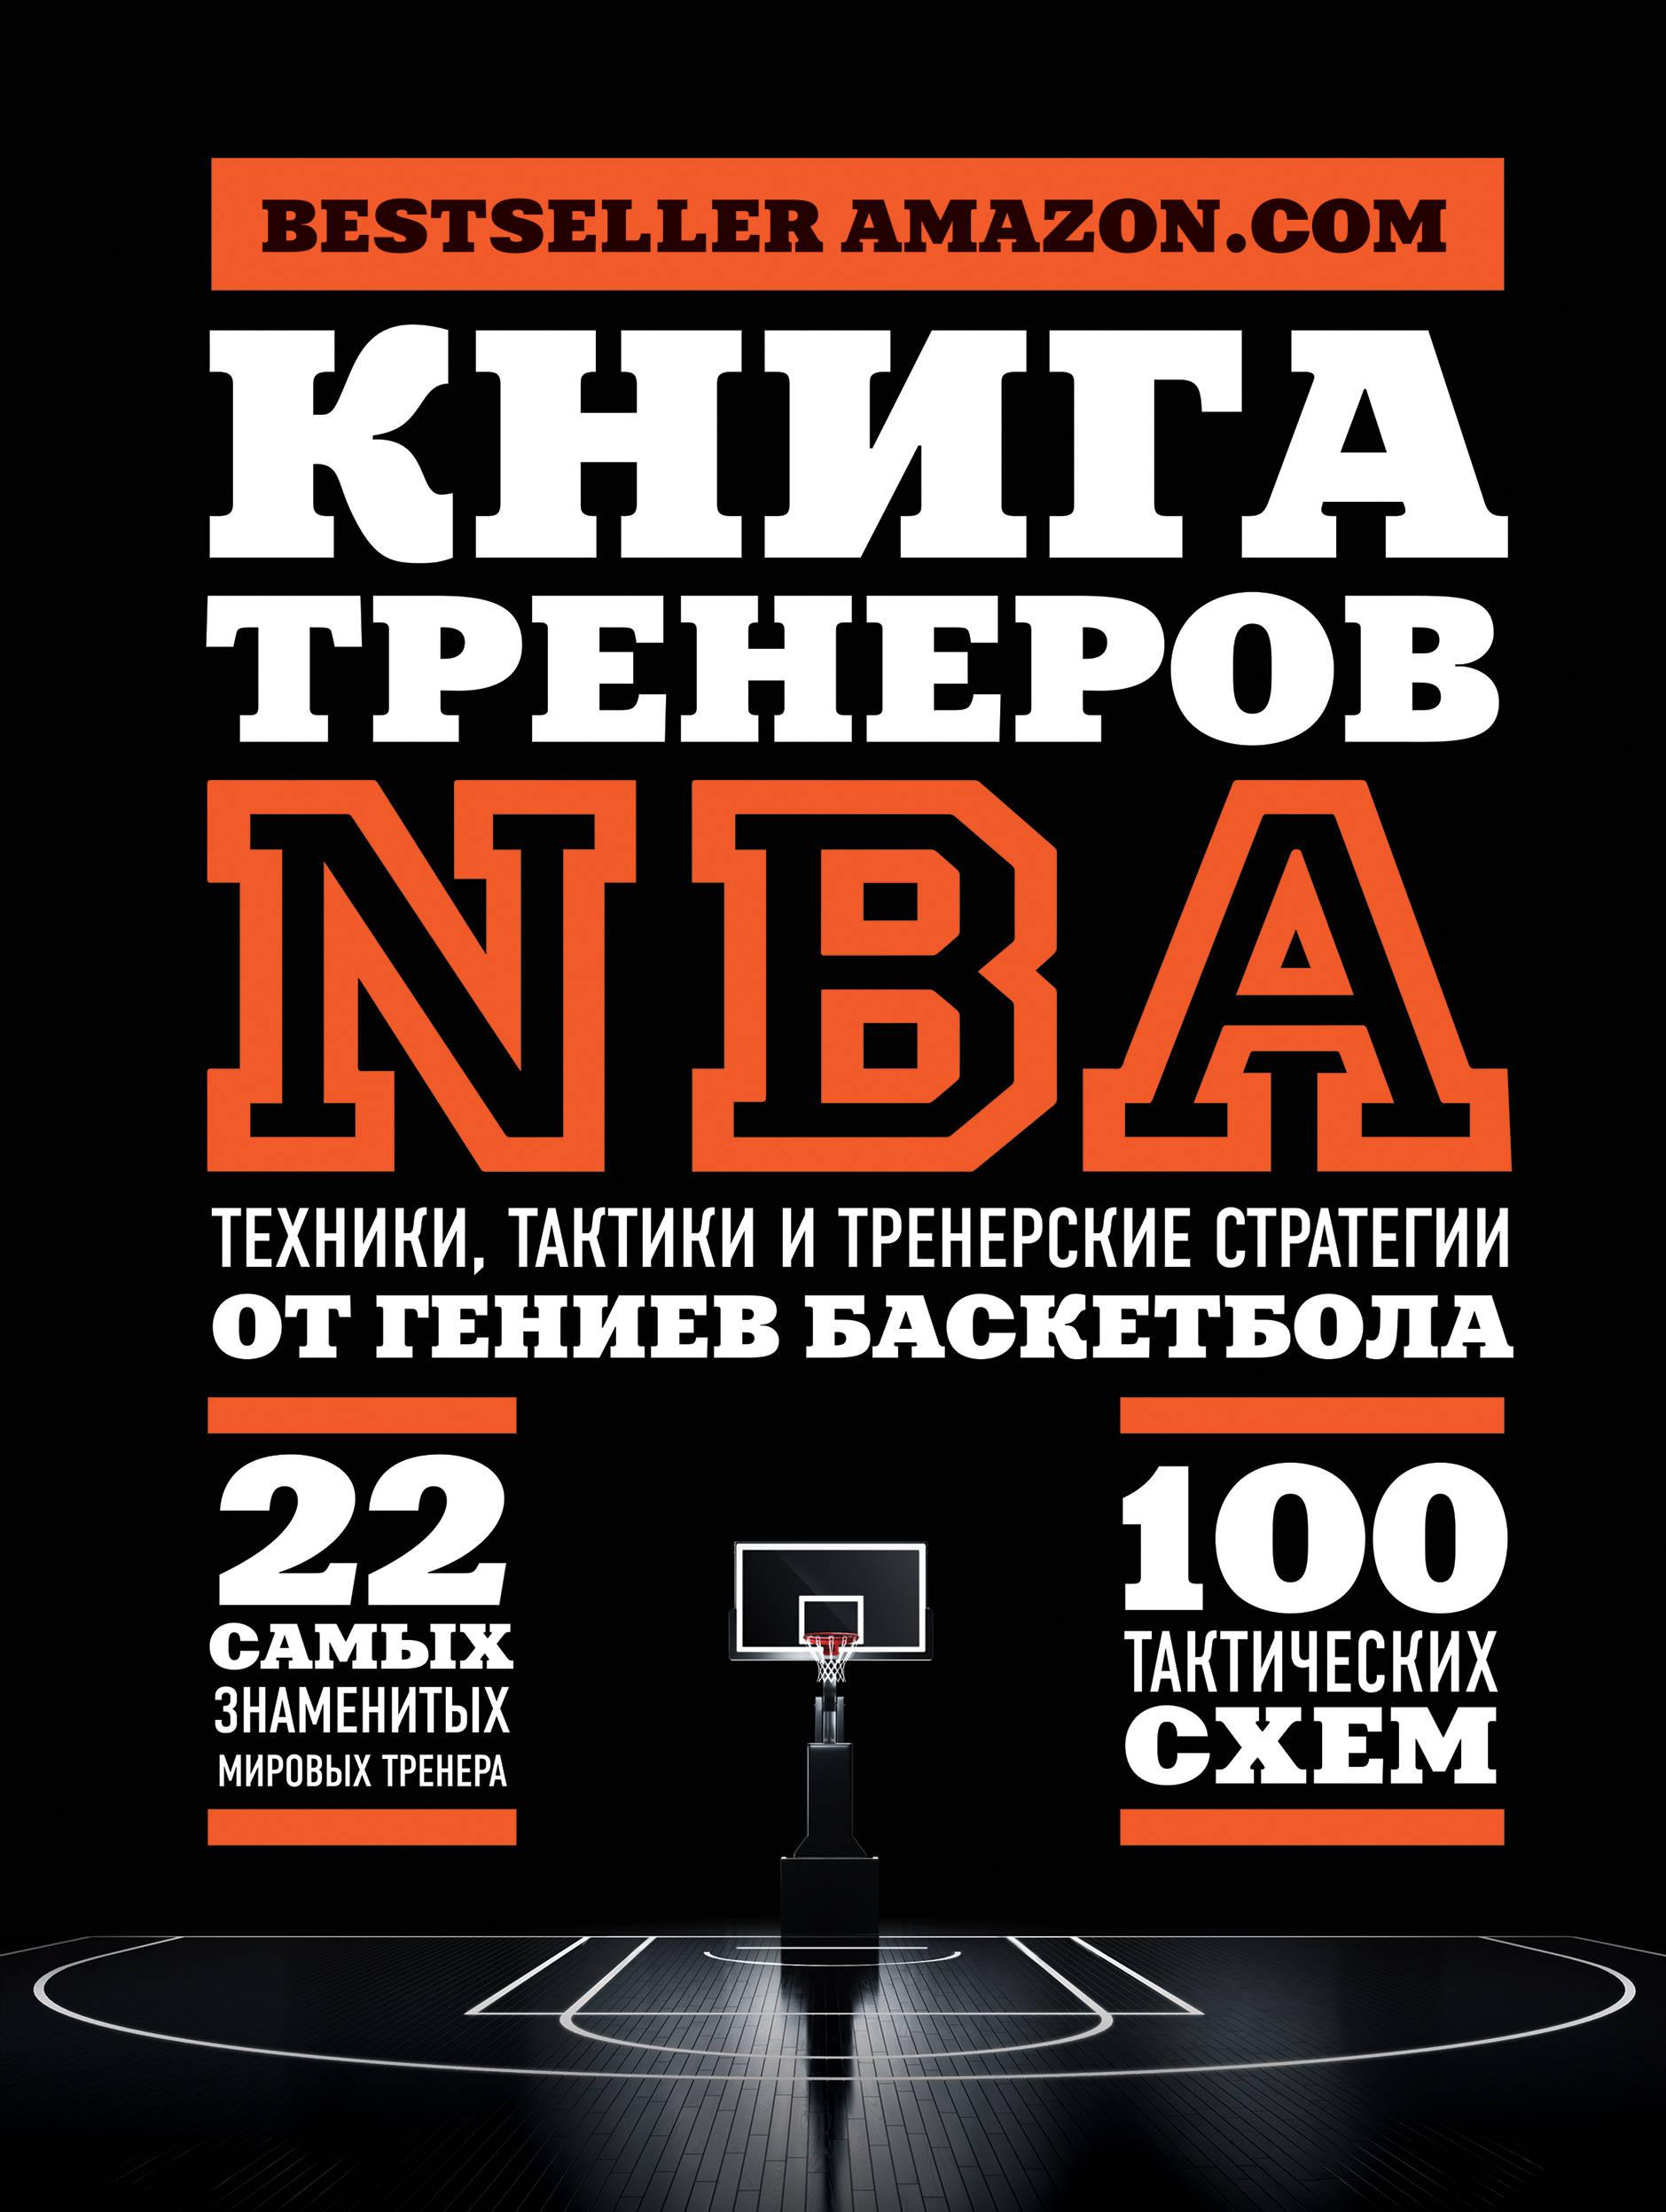 Книга тренеров NBA. Техники, тактики и тренерские стратегии от гениев баскетбола qiaodan мужская обувь для баскетбола